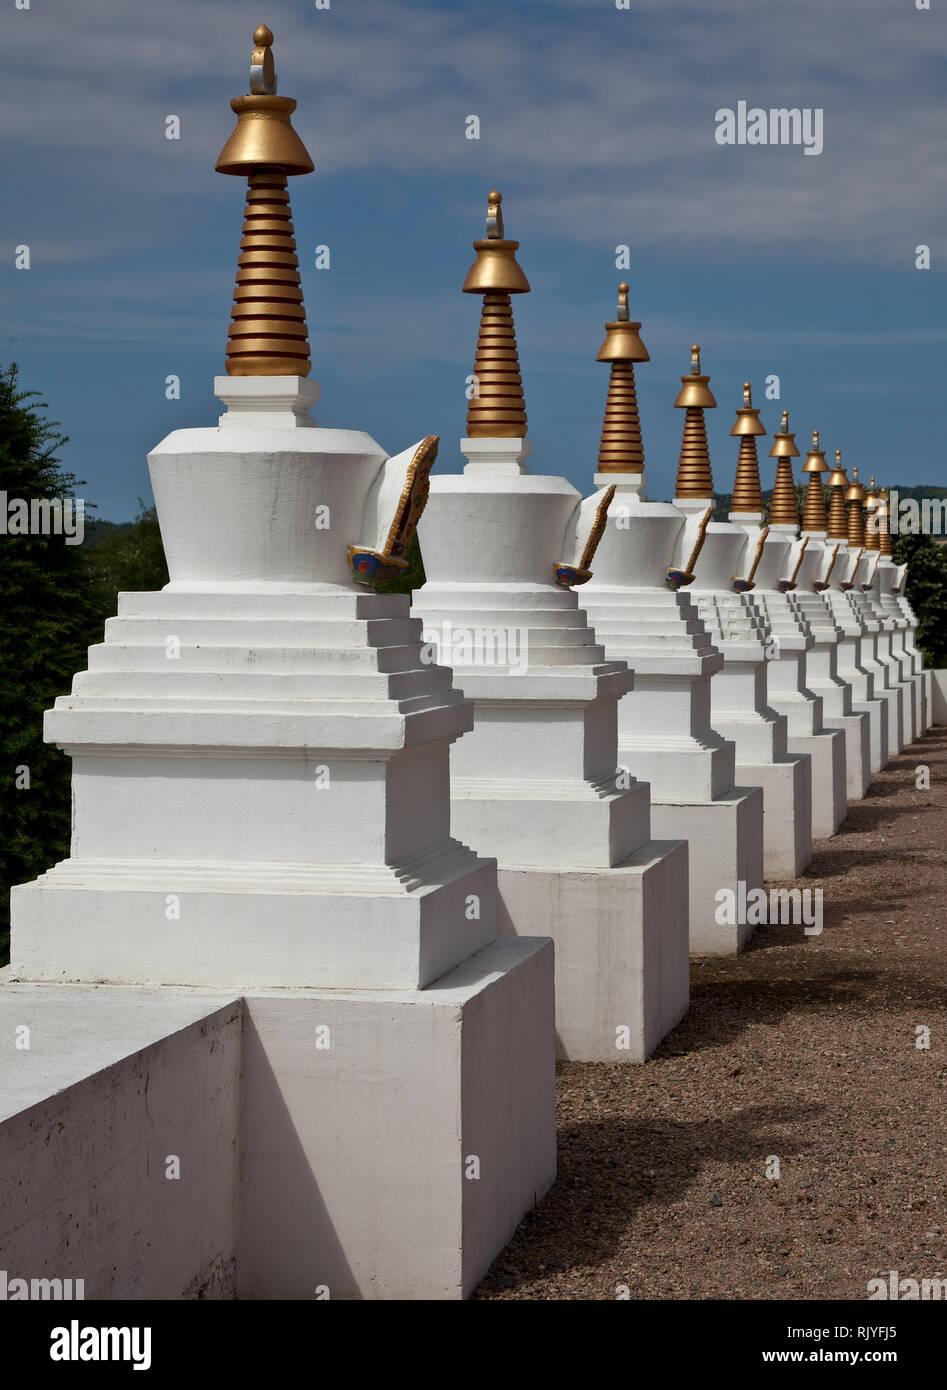 La Boulaye, TEMPEL DER 1000 BUDDHAS, gegründet 1987 von tibetischen Mönchen. Lamaistisches Zentrum verbunden mit einer Hochschule für Tibetologie, Stu - Stock Image